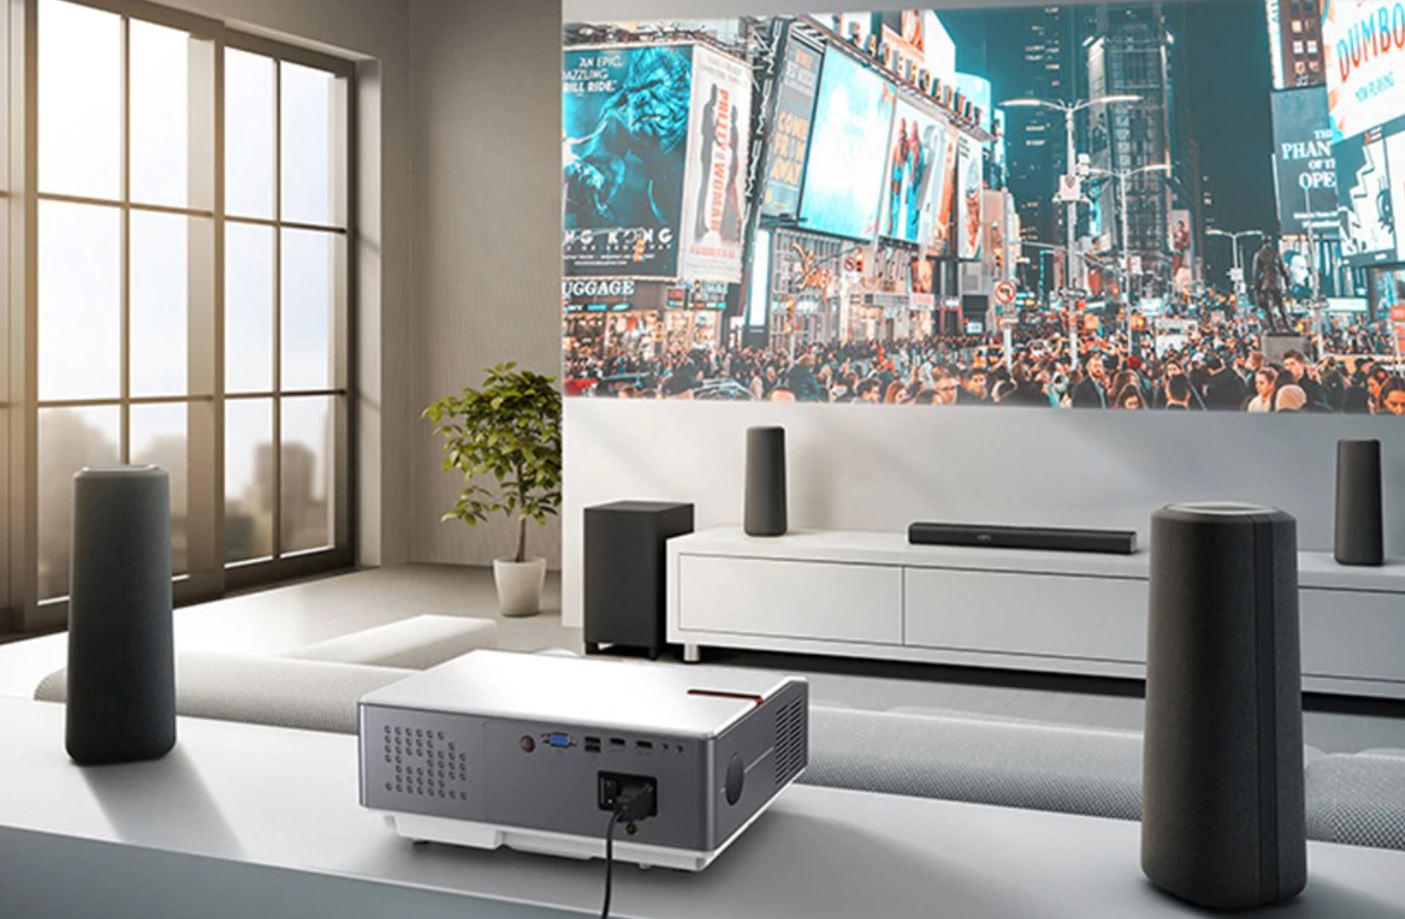 Kino domowe z Aliexpress - projektor ThundeaL TD96